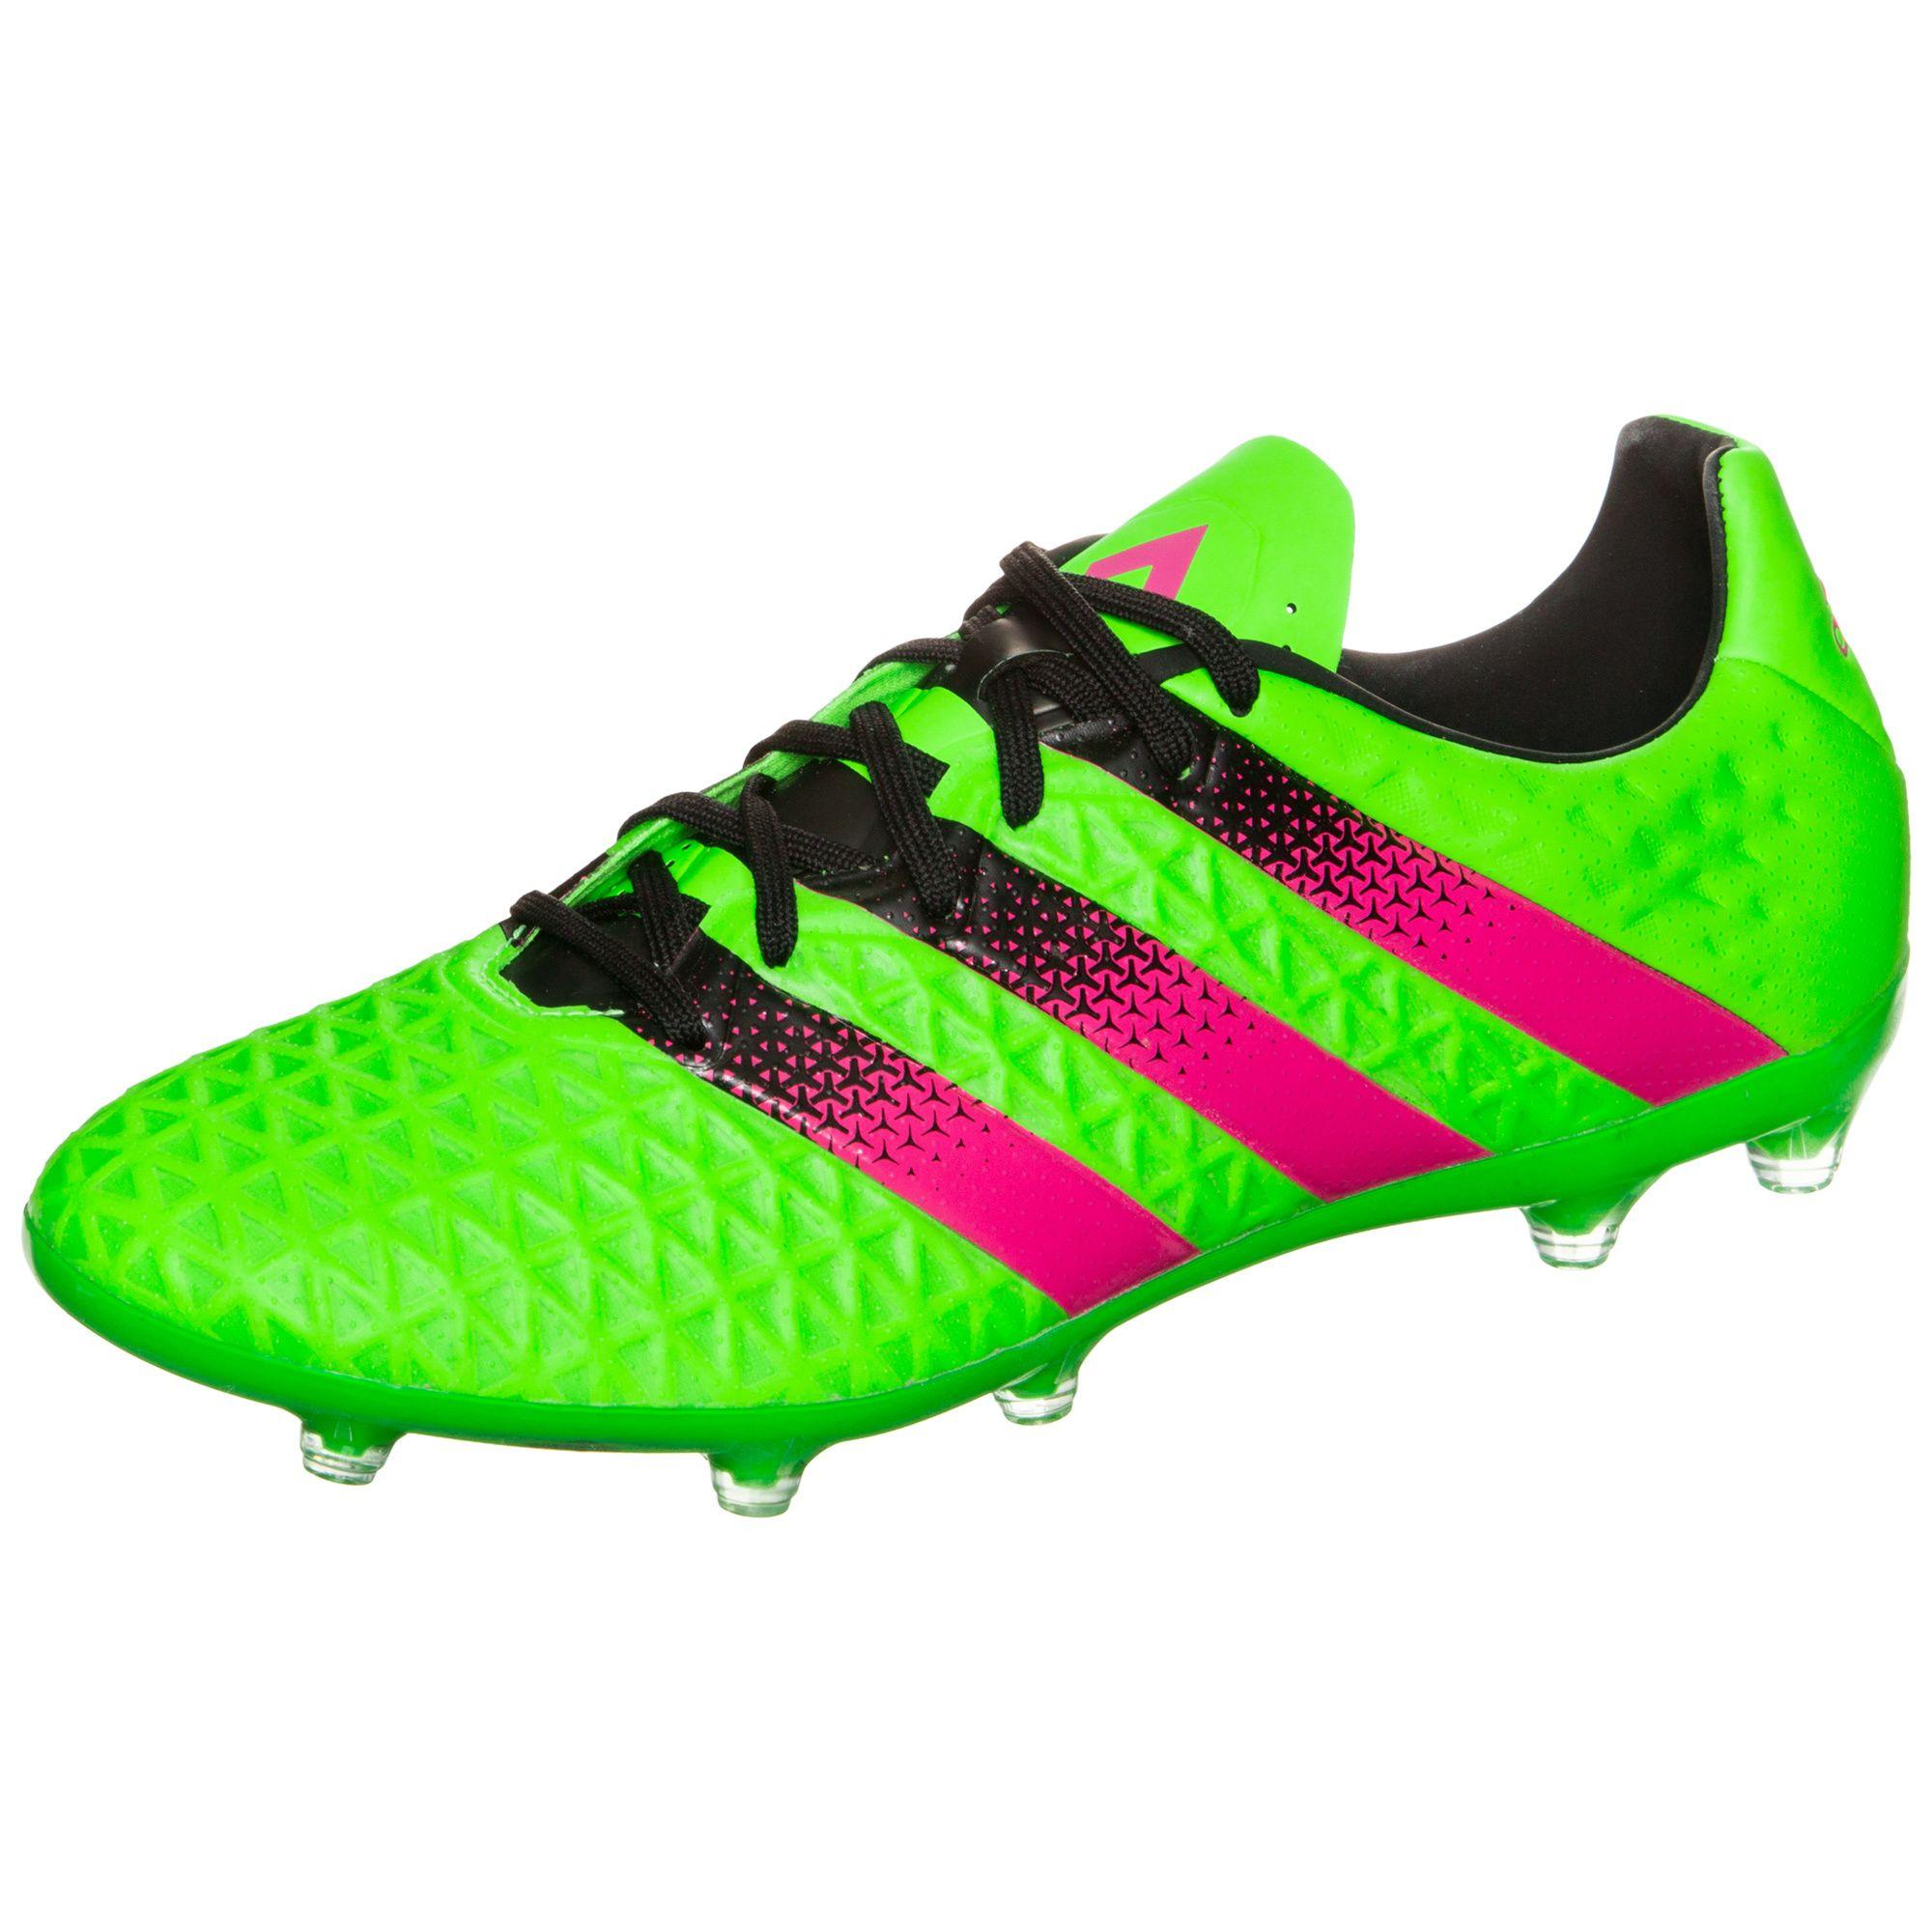 ADIDAS PERFORMANCE adidas Performance ACE 16.2 FG/AG Fußballschuh Herren